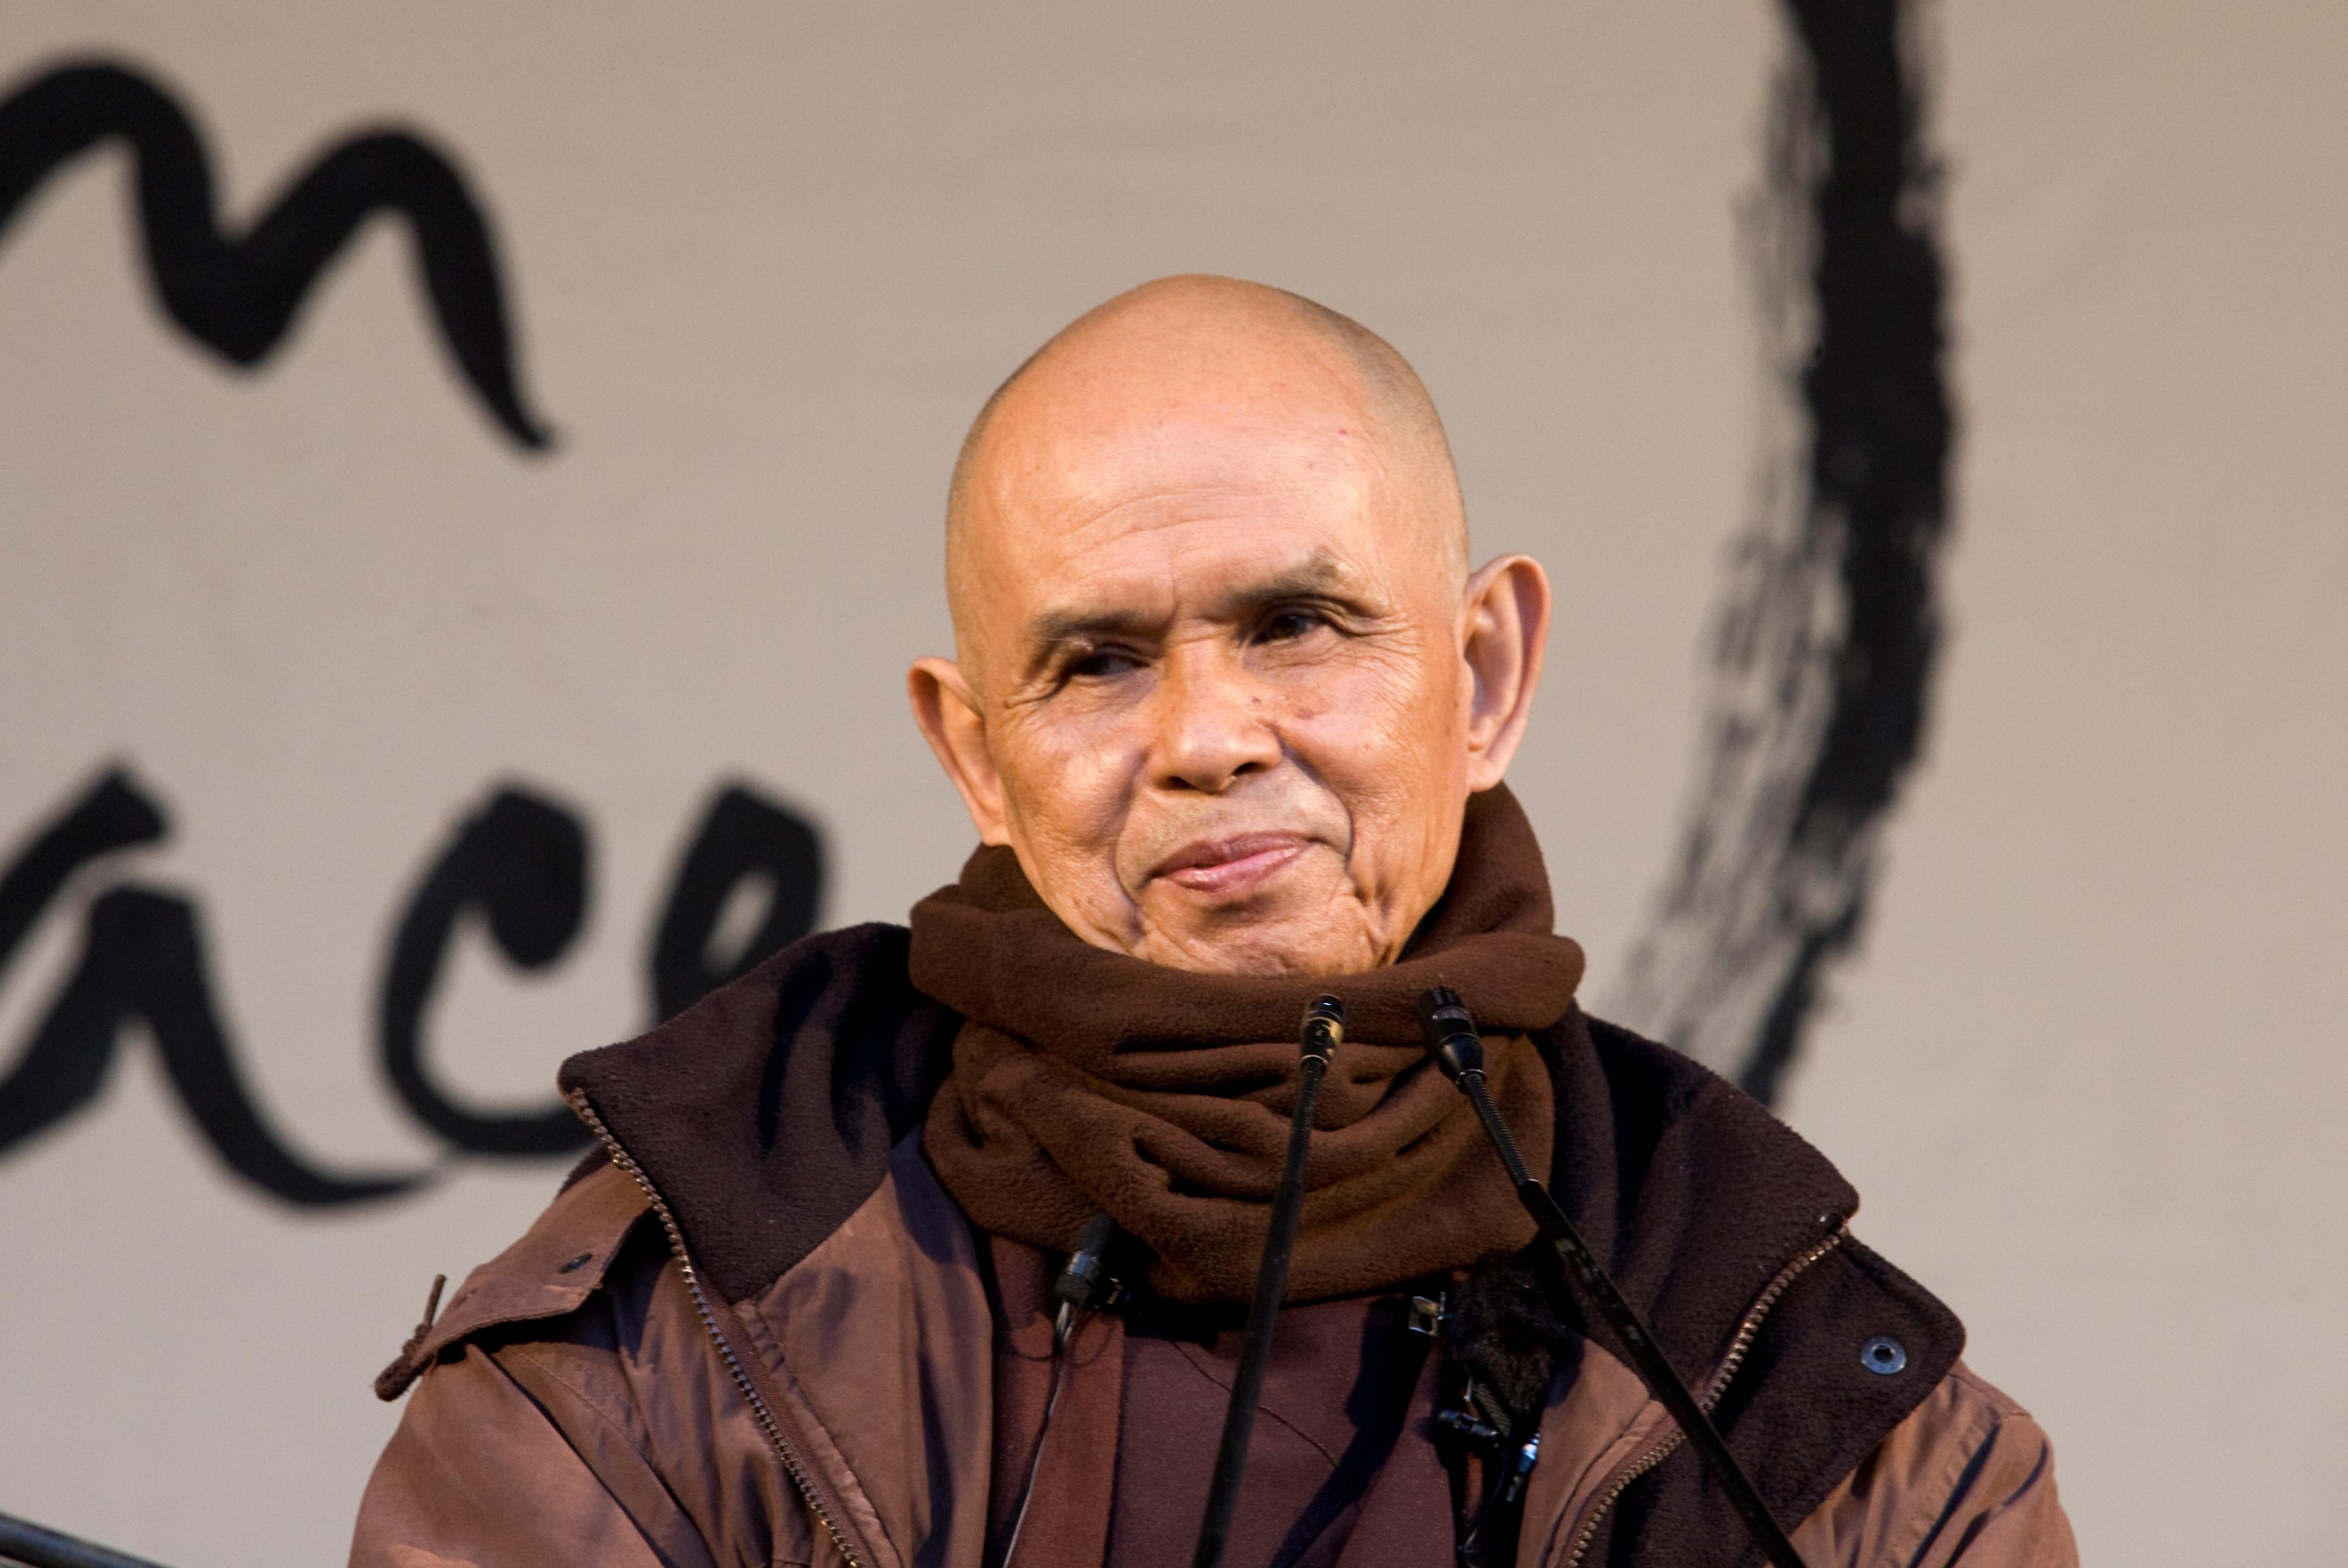 Thich Nhat Hanh warm ingepakt op een podium voor een enorme kalligrafie.